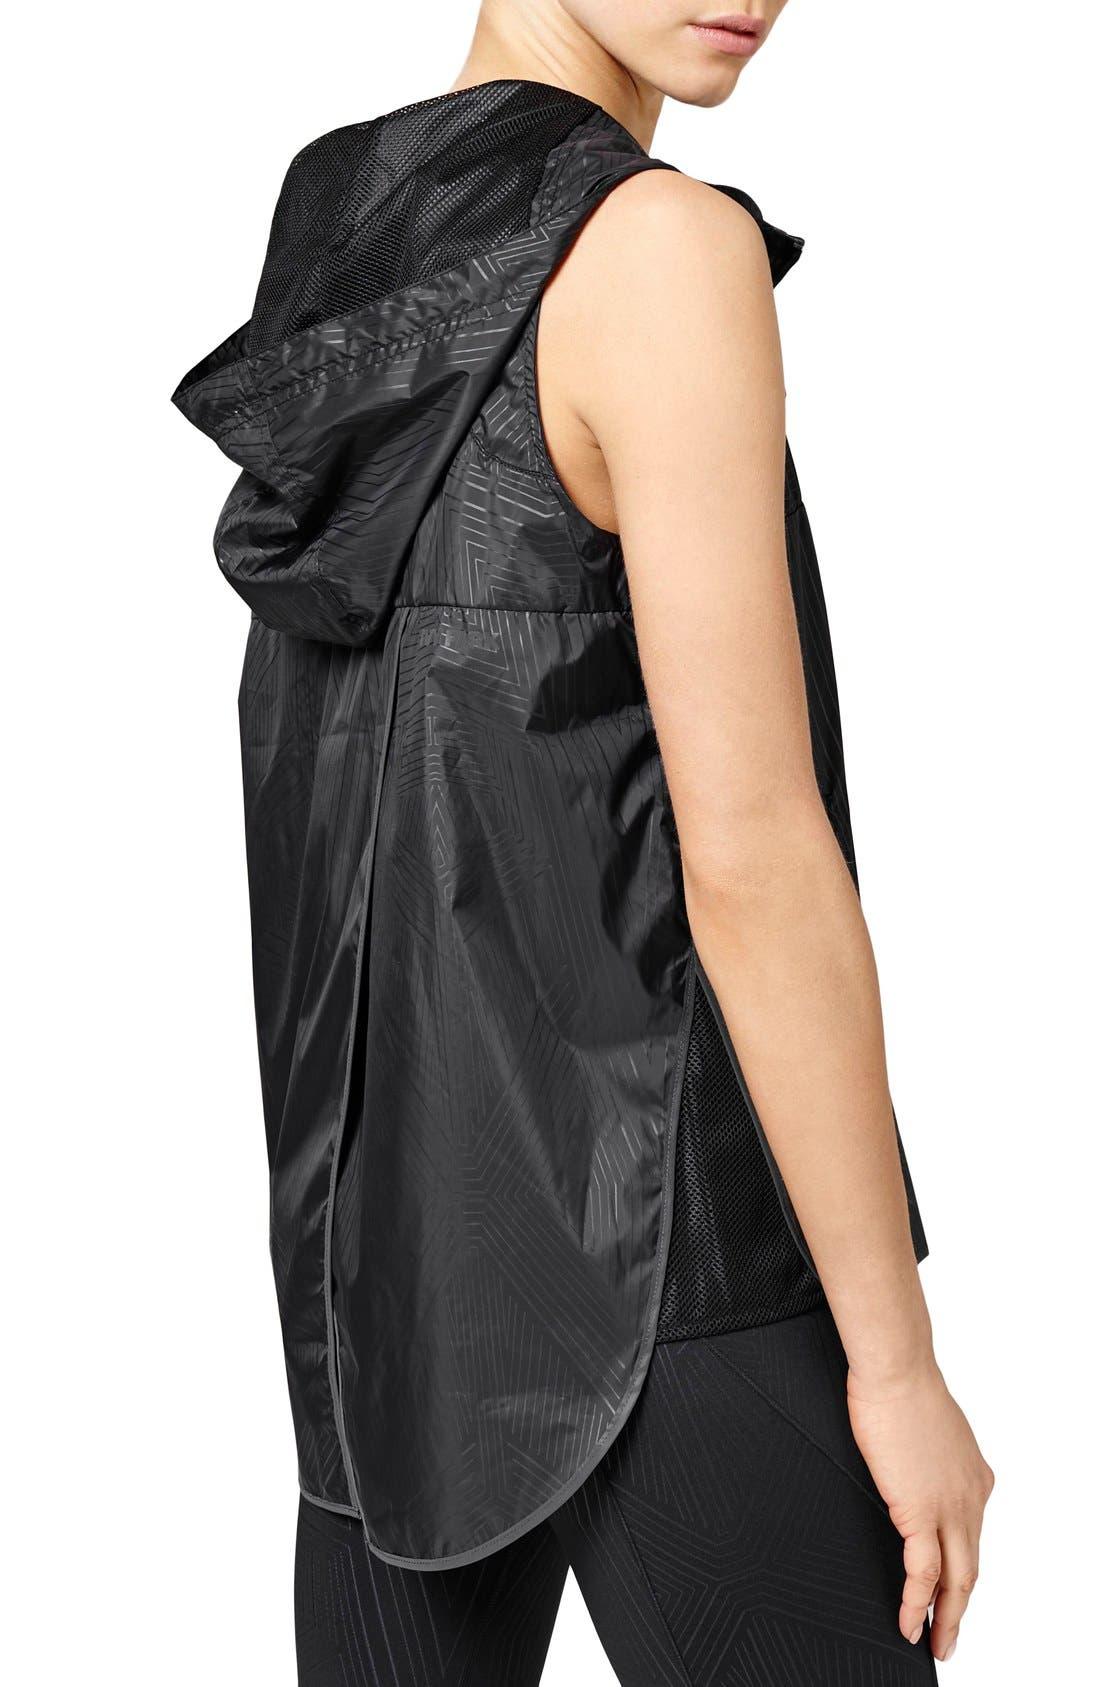 Alternate Image 3  - IVY PARK® Reflective Print Hooded Sleeveless Jacket